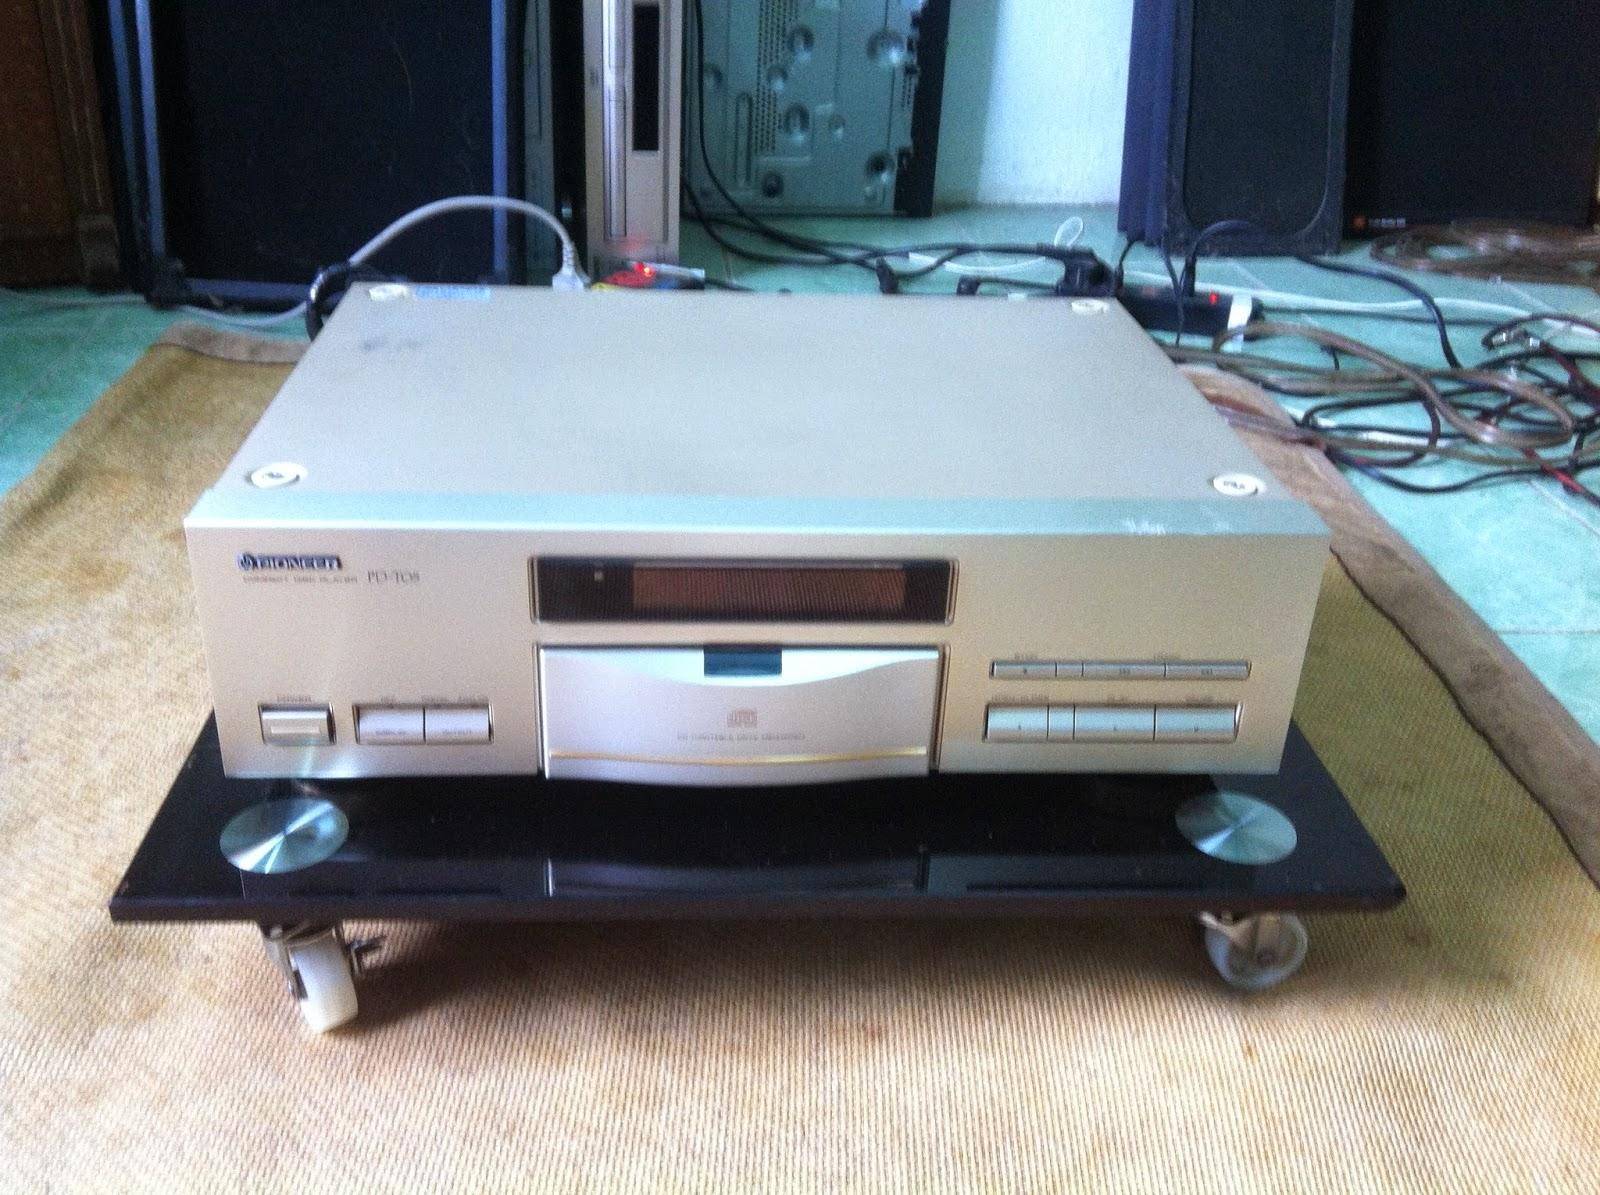 Mặt trước đầu CD Pioneer PD T05